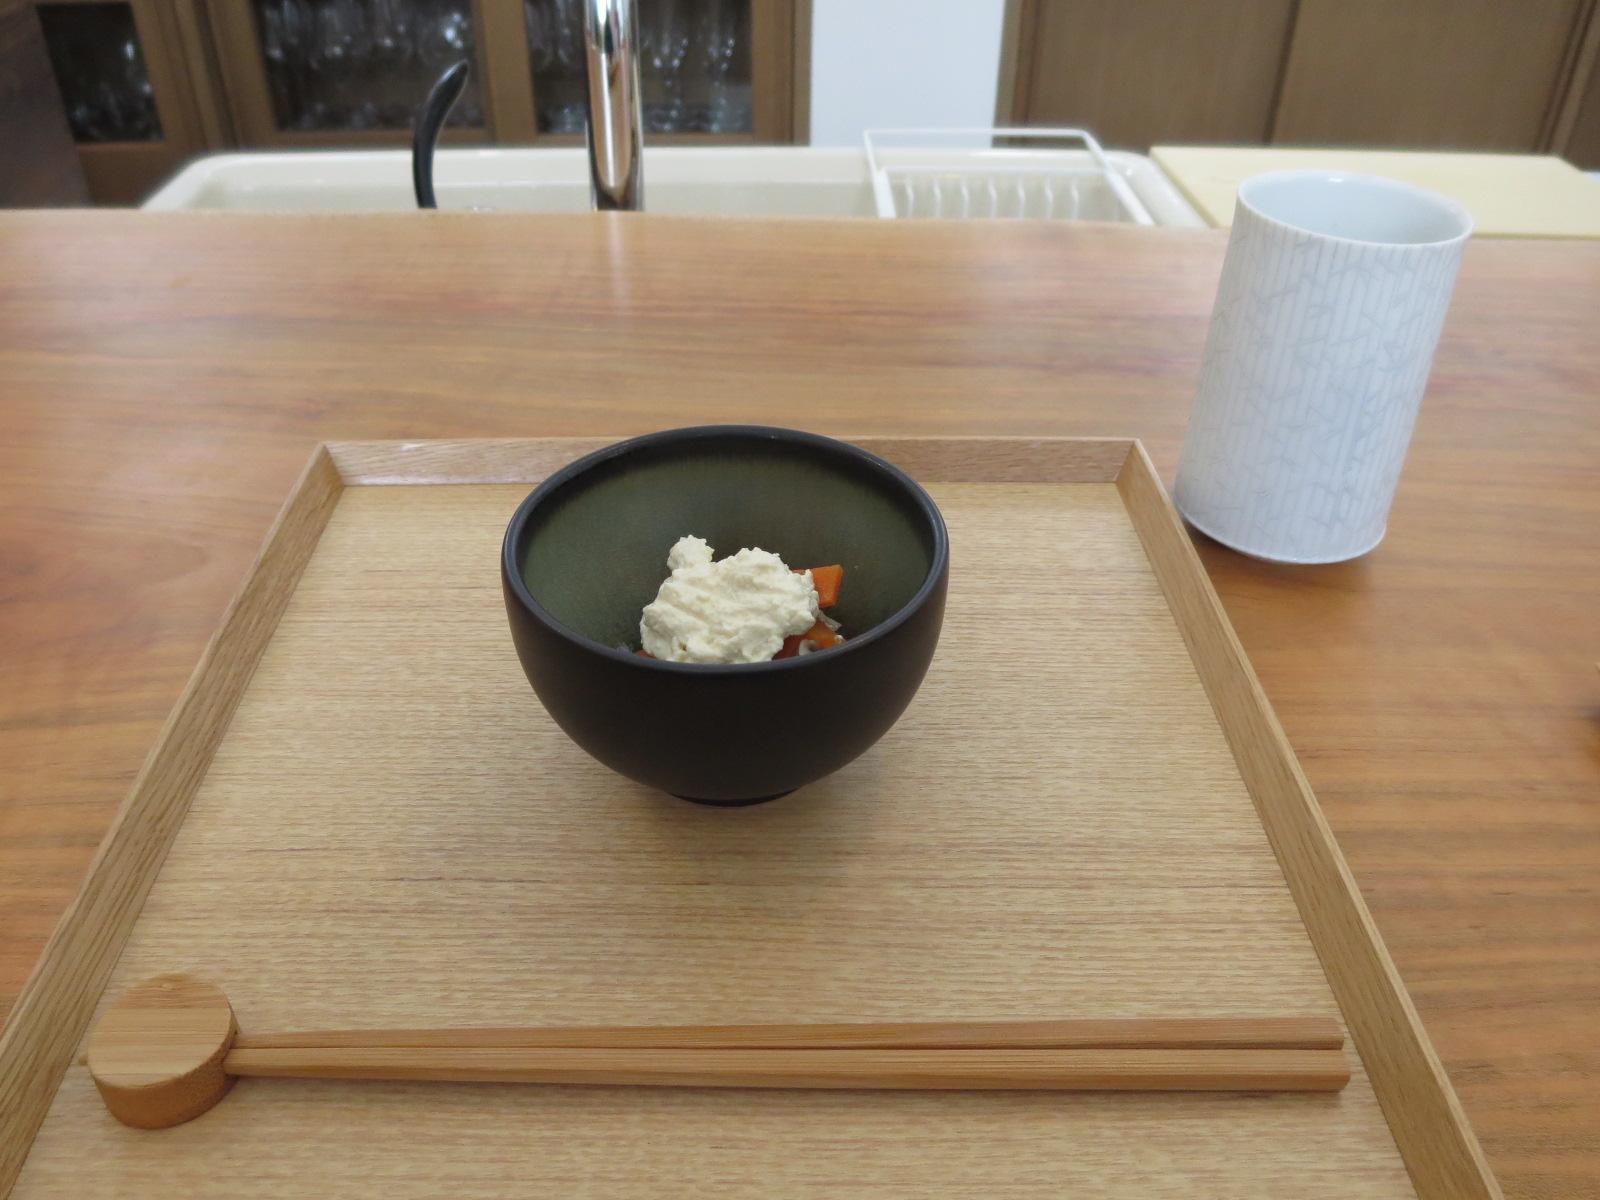 朝食&ブランチ☆食堂 takizawa NEW OPEN!@追分_f0236260_18355692.jpg